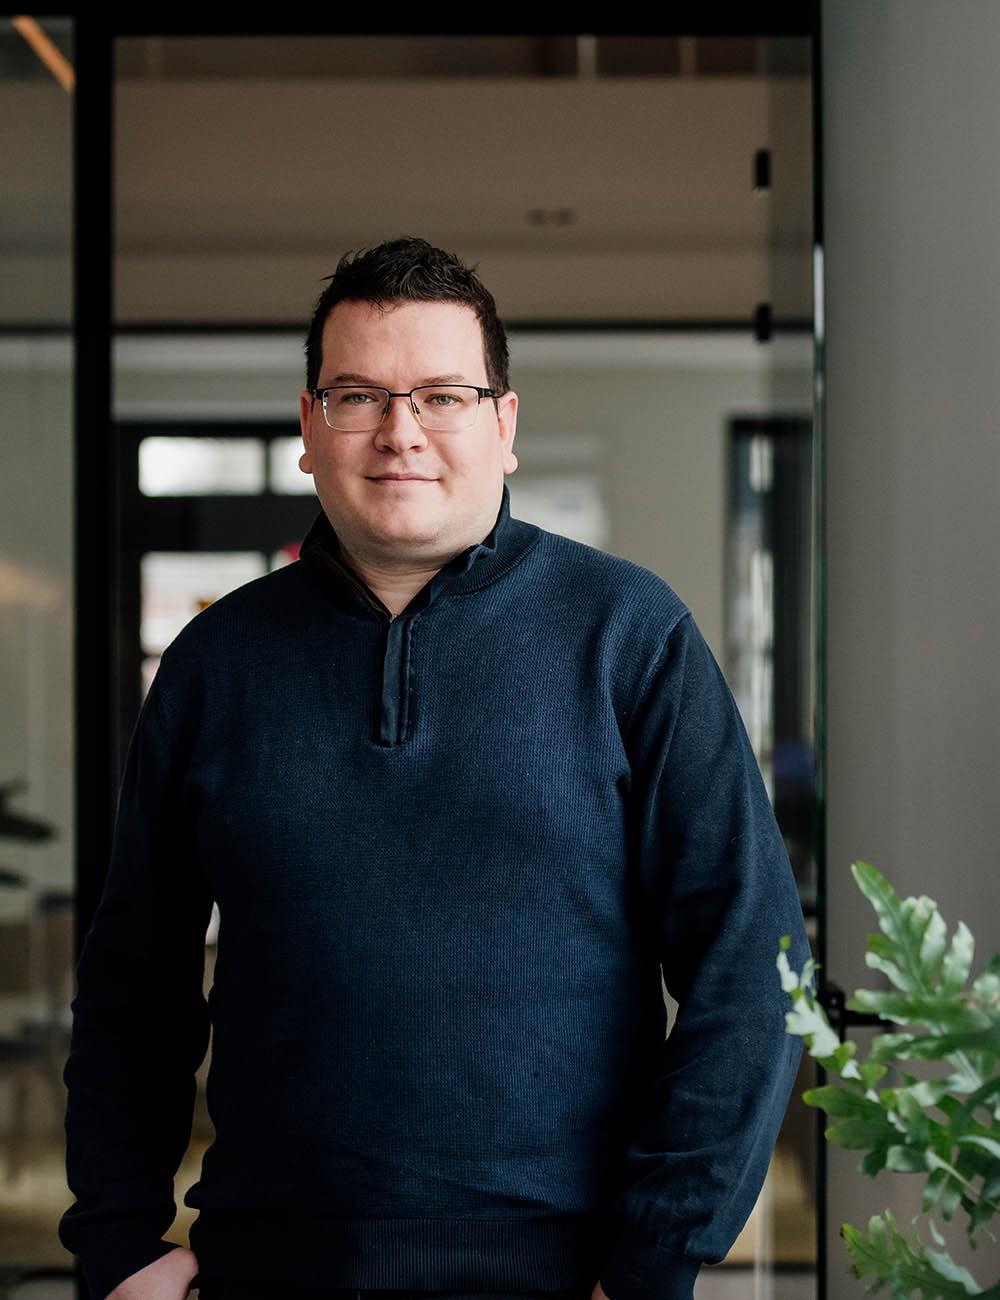 Sander Bisschops